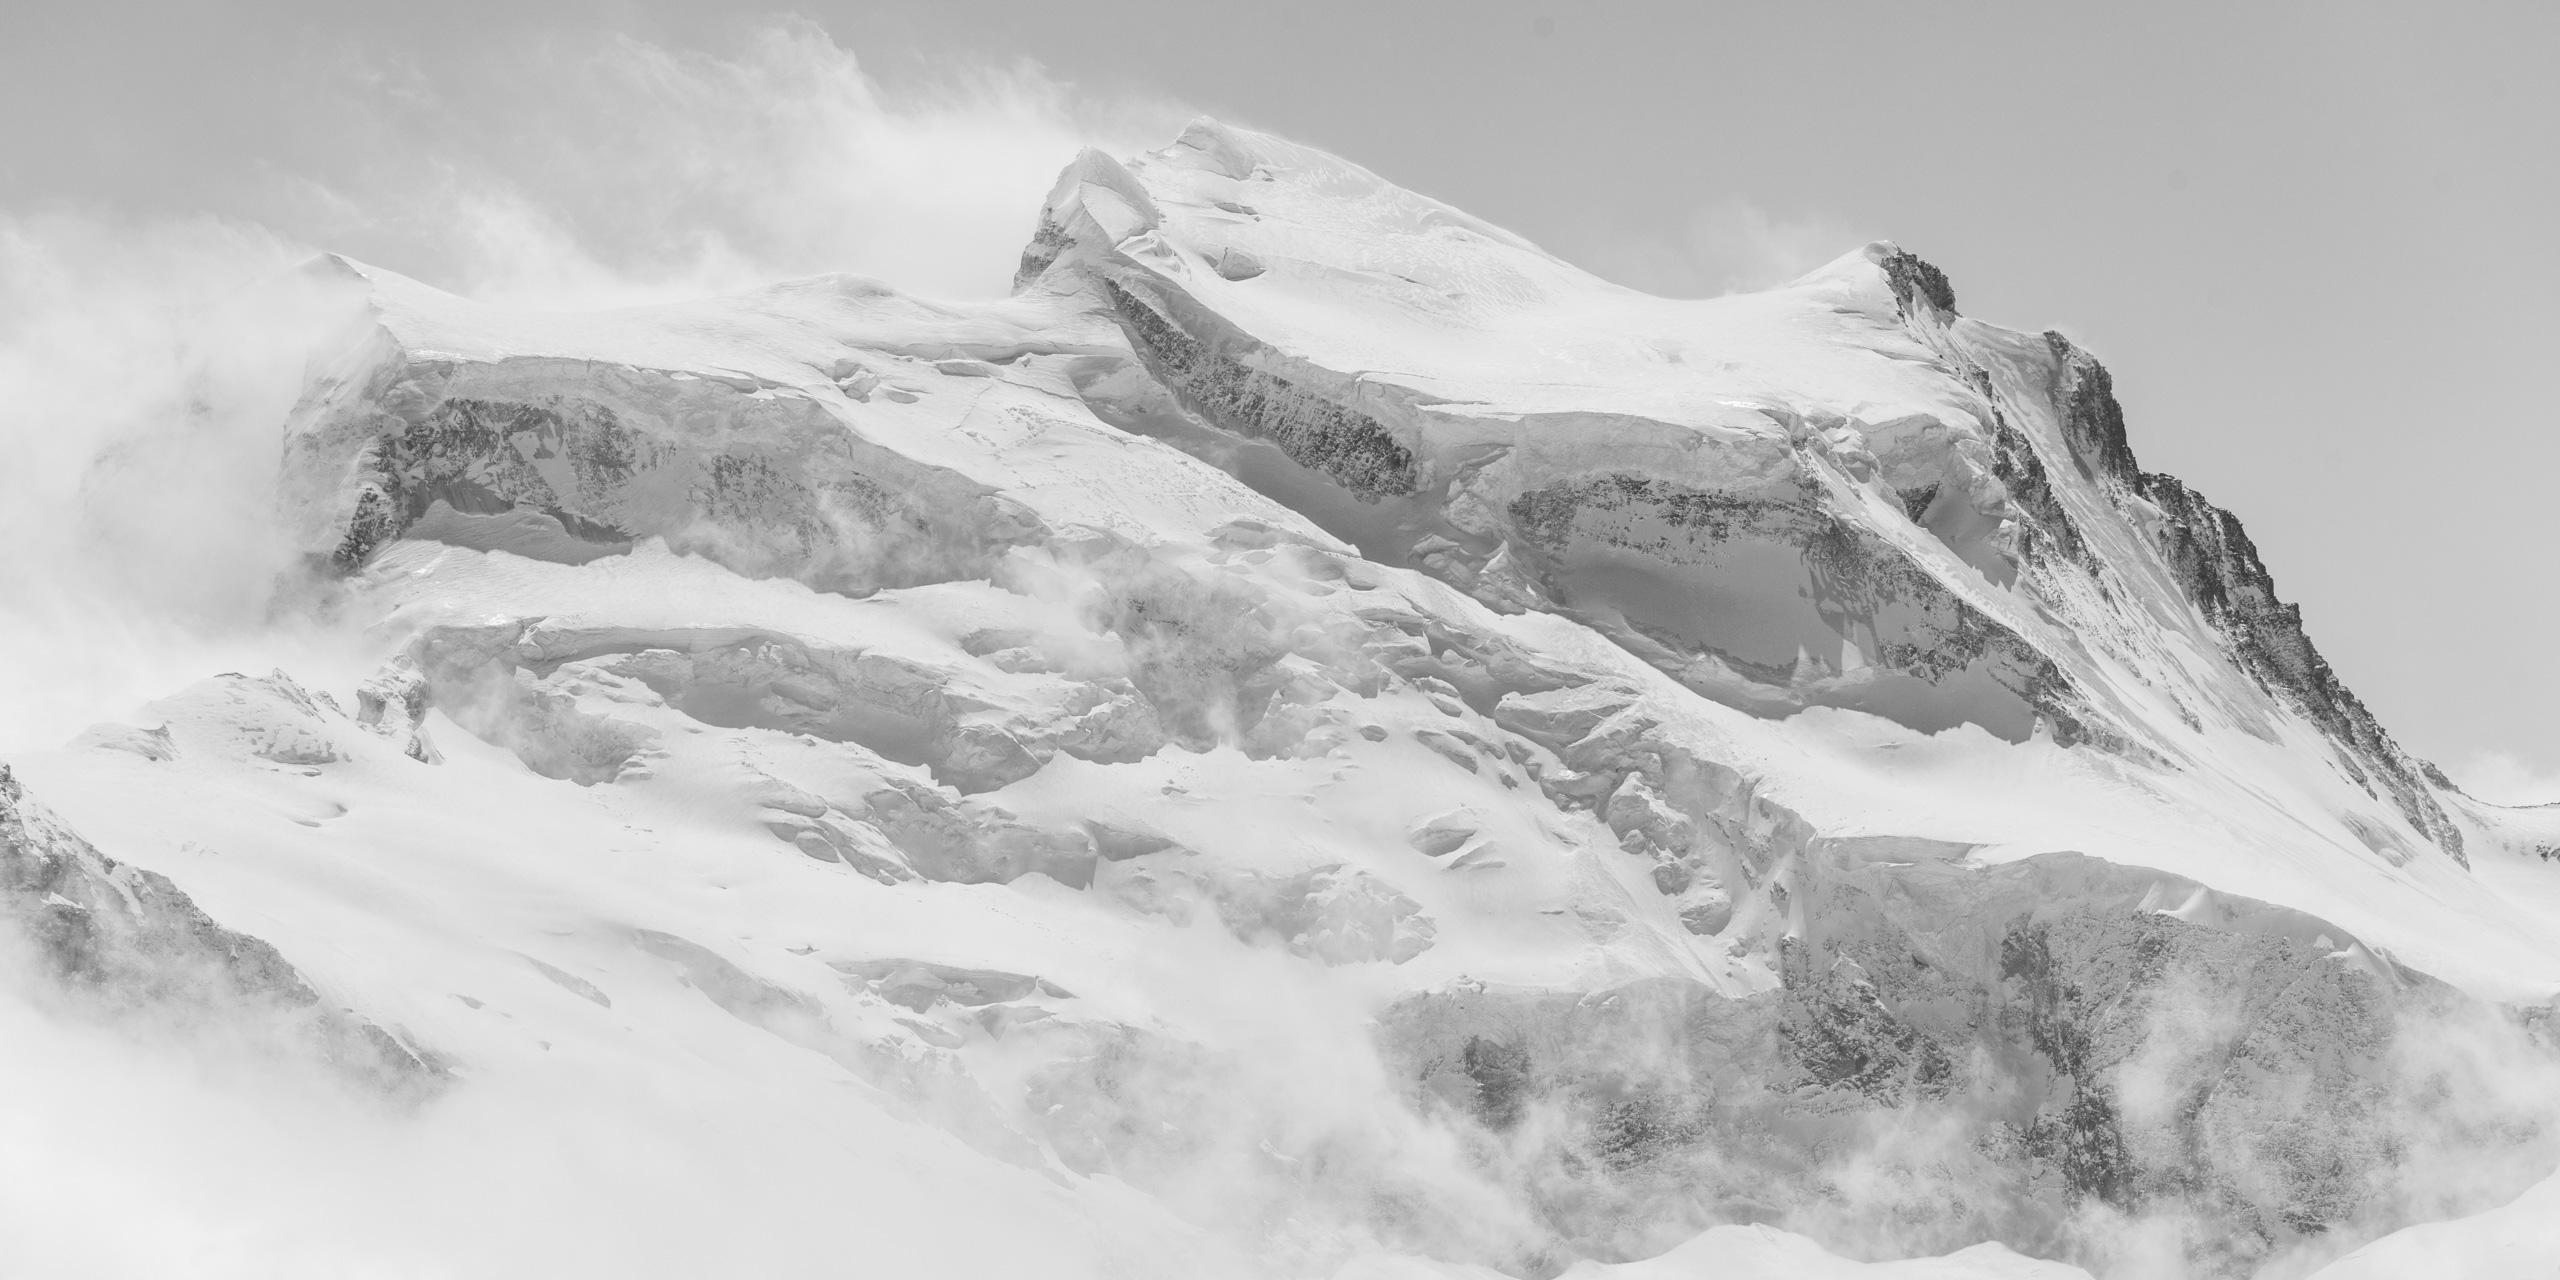 vue panoramique Combins - panorama de montagne noir et blanc